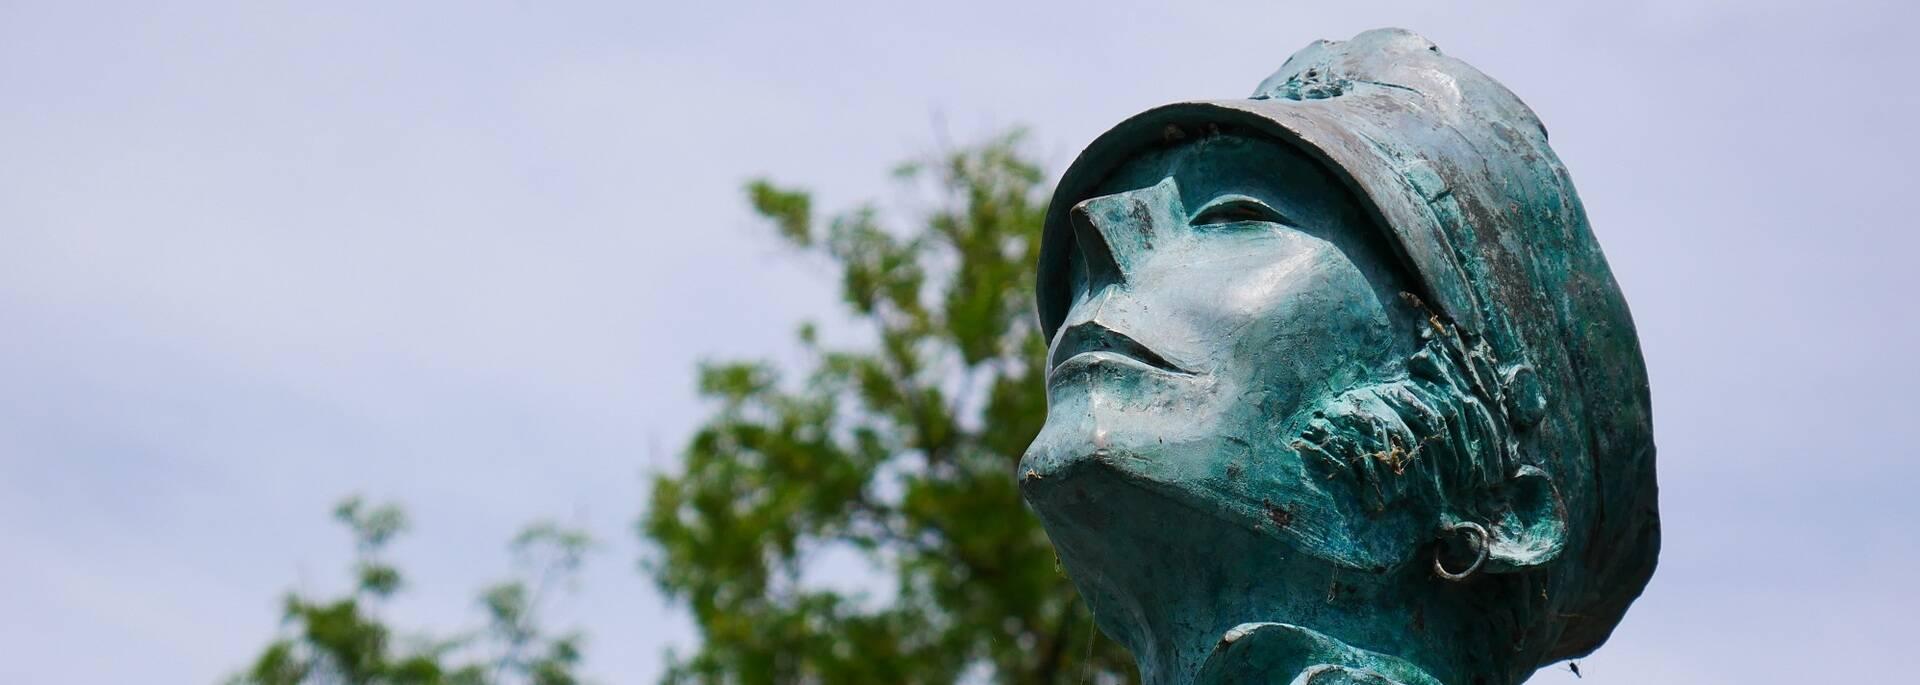 La statue de Corto Maltese à Angoulême - ©P.Migaud / FDHPA17